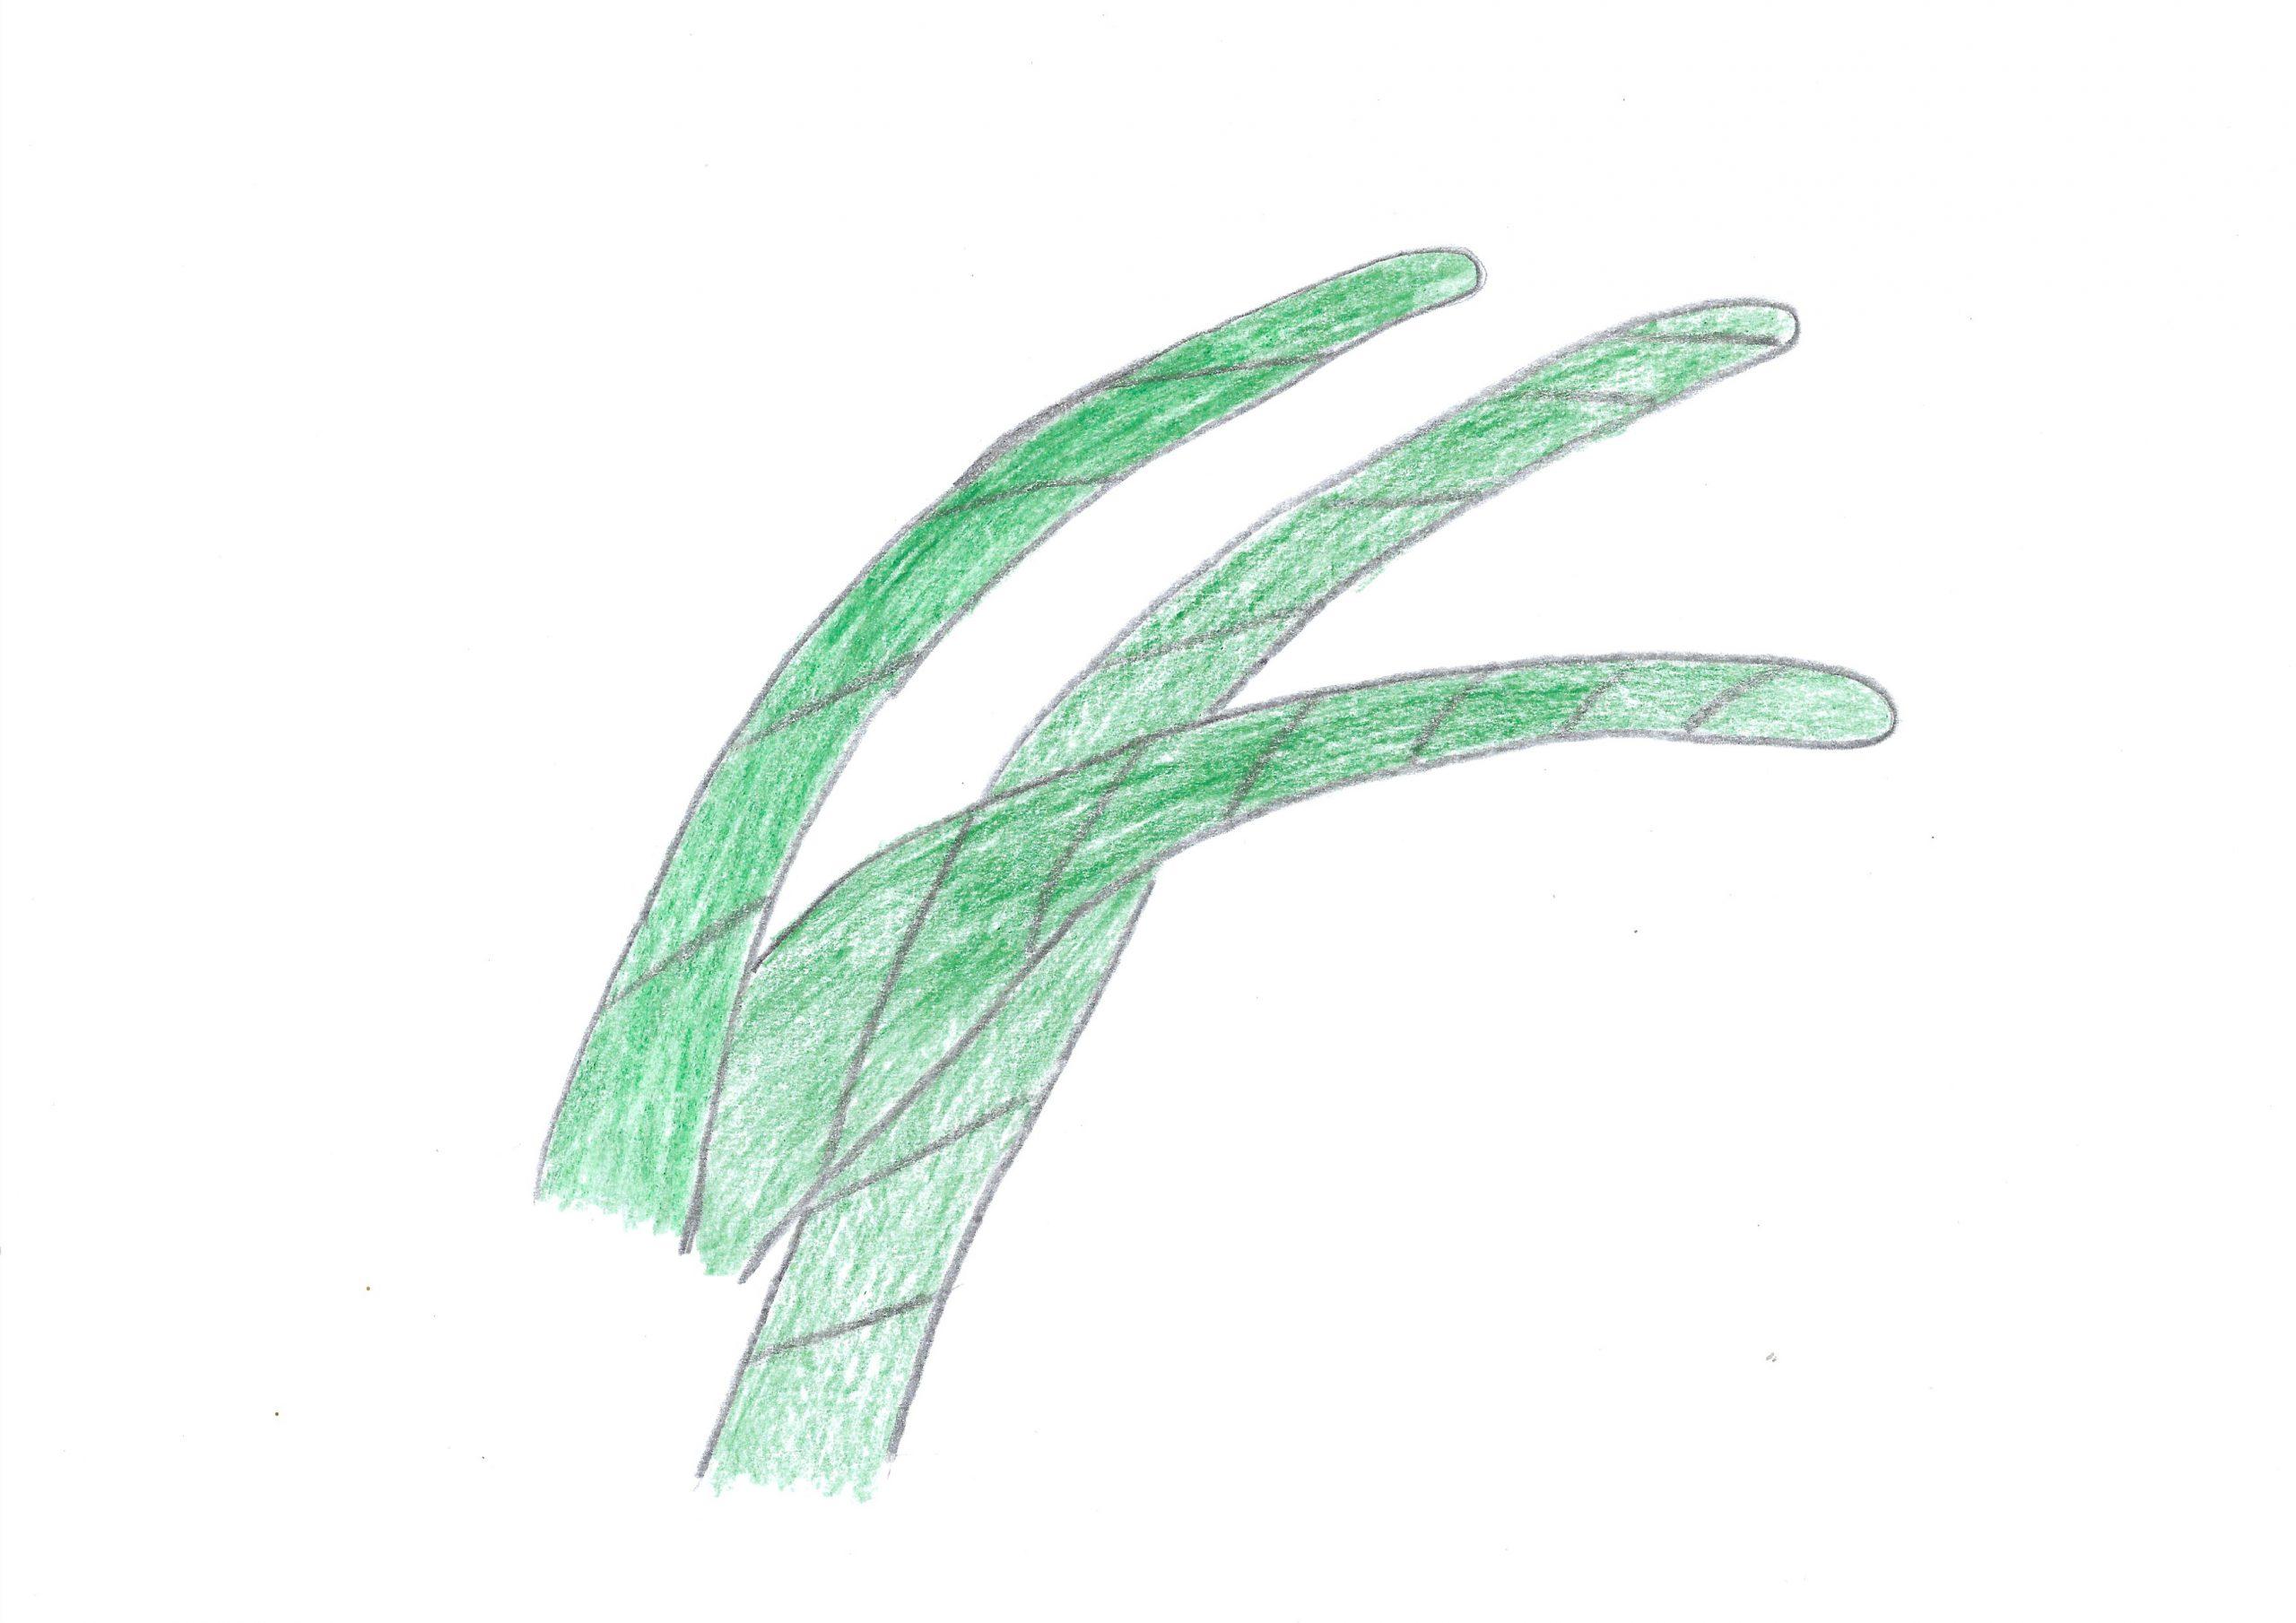 Ñana — The herb